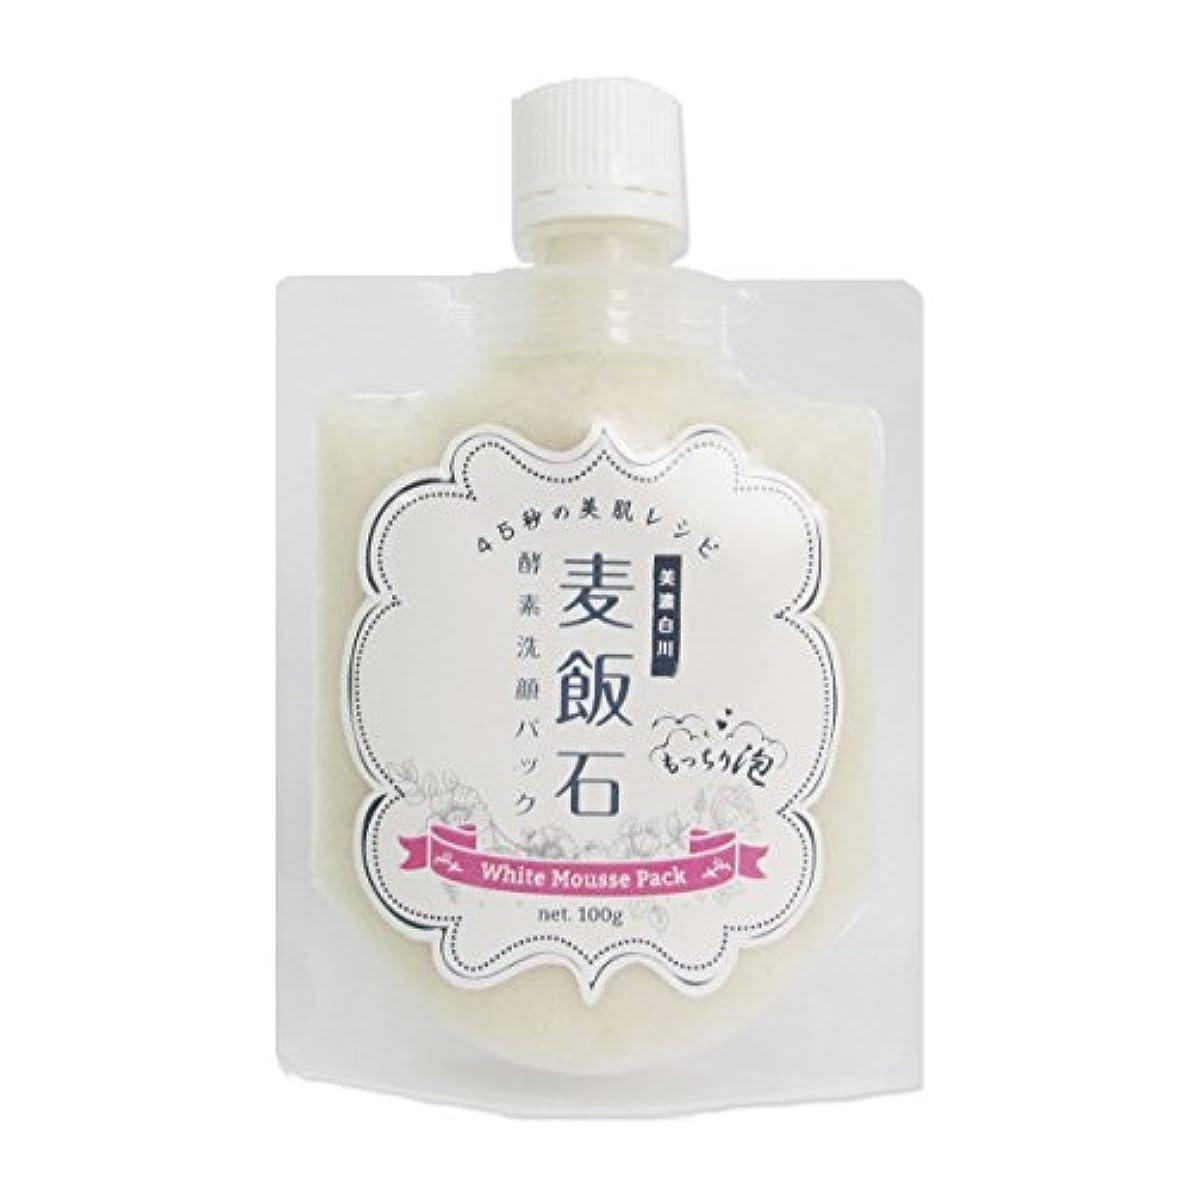 実質的最大限提供シミ 洗顔 泡 洗顔フォーム ホワイトムースパック